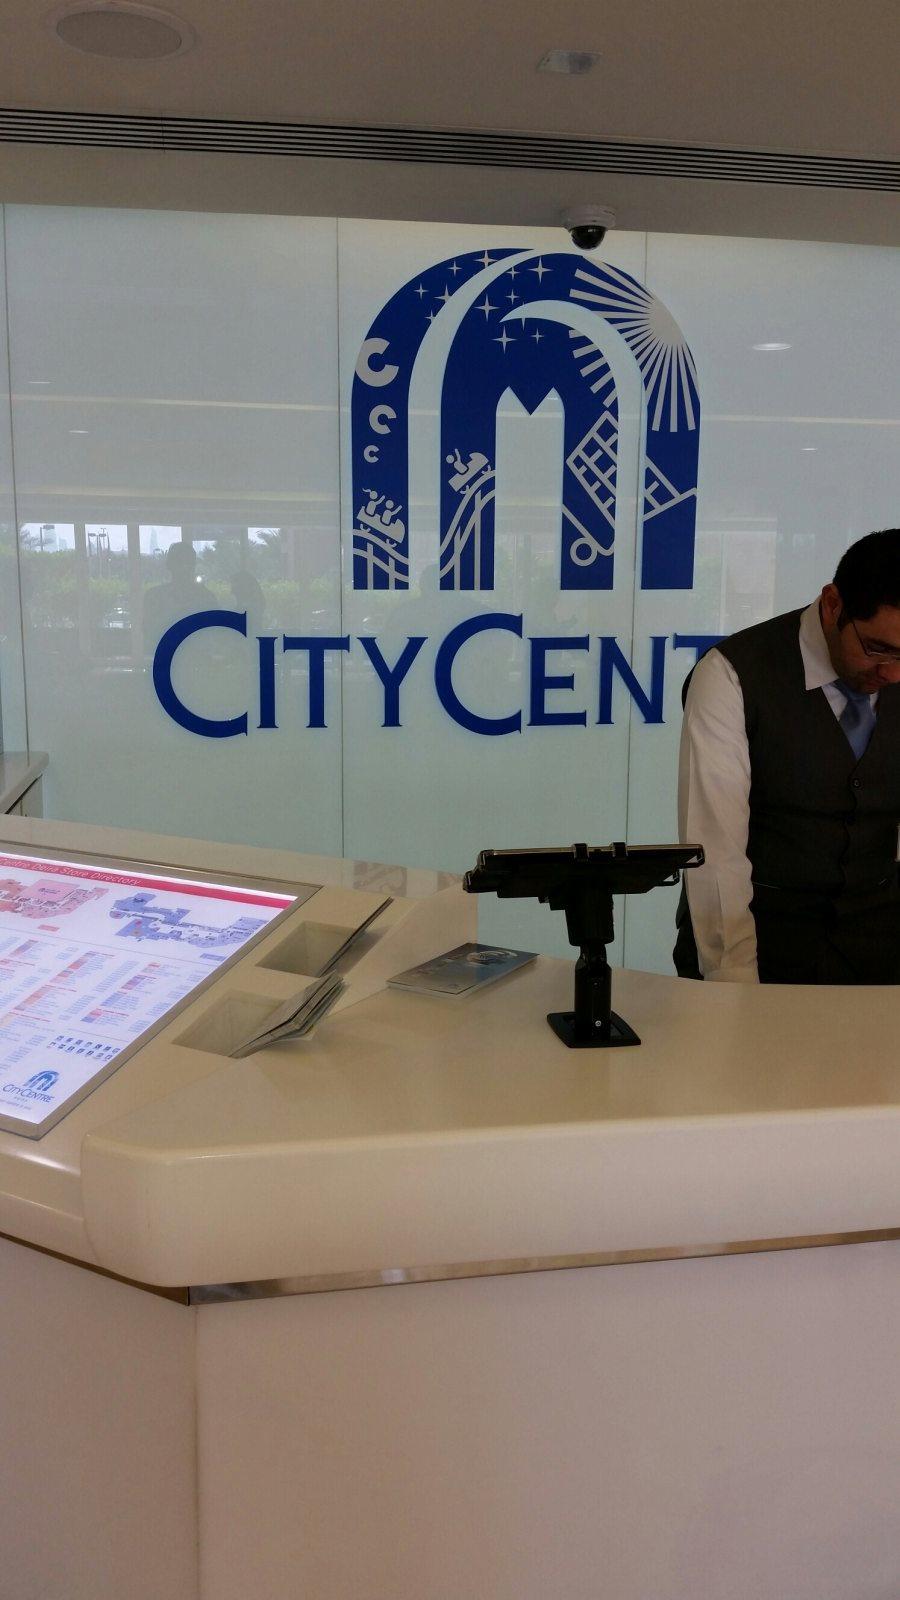 gripzo-hospitality-tablet-grip-dubai-city-center.jpg